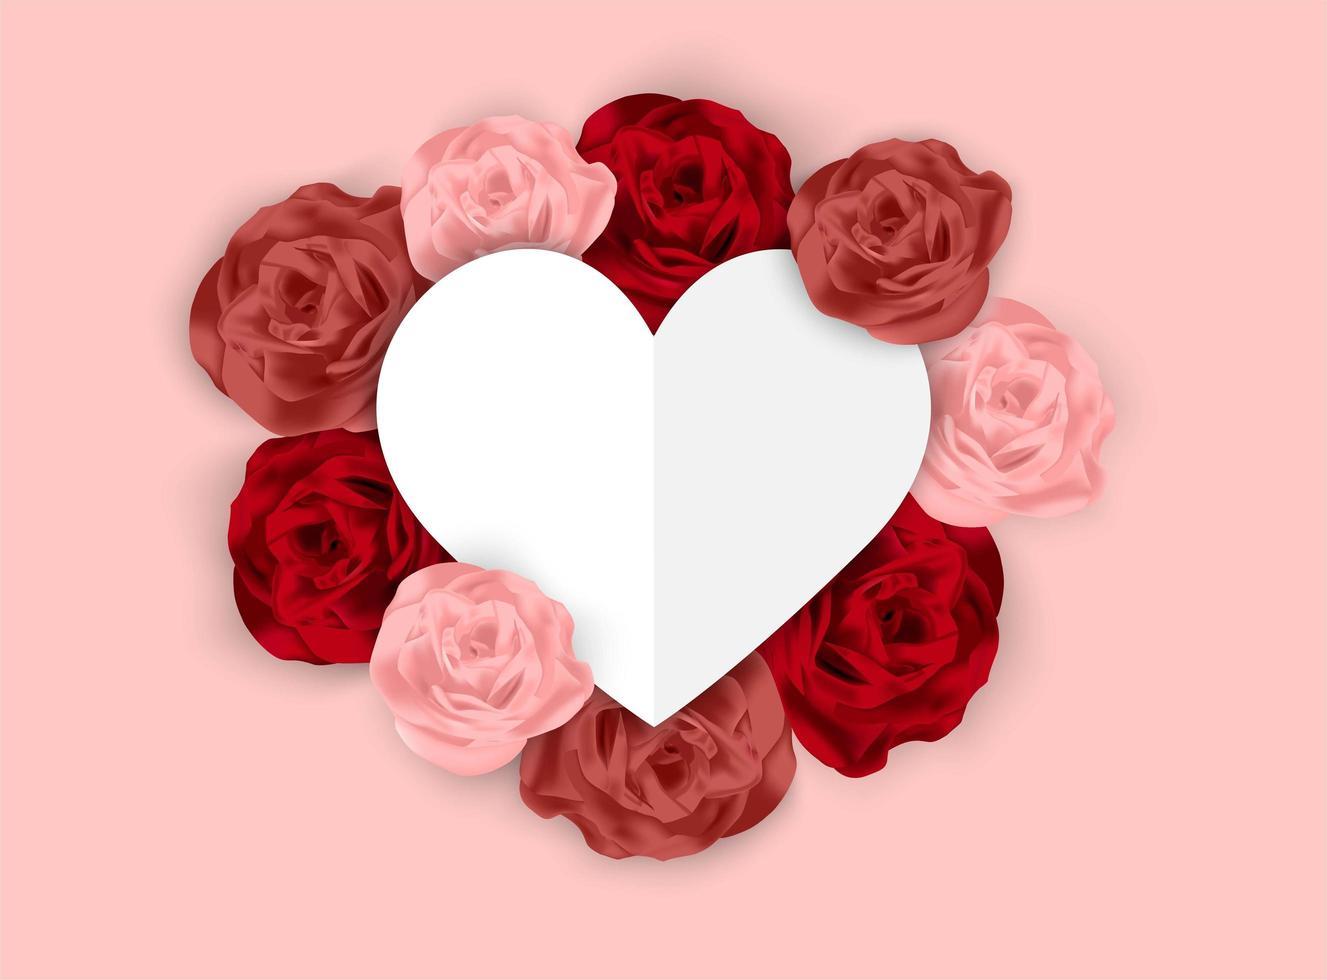 Valentin rosa bakgrund med stil papper klippta hjärta omgiven av rosor vektor